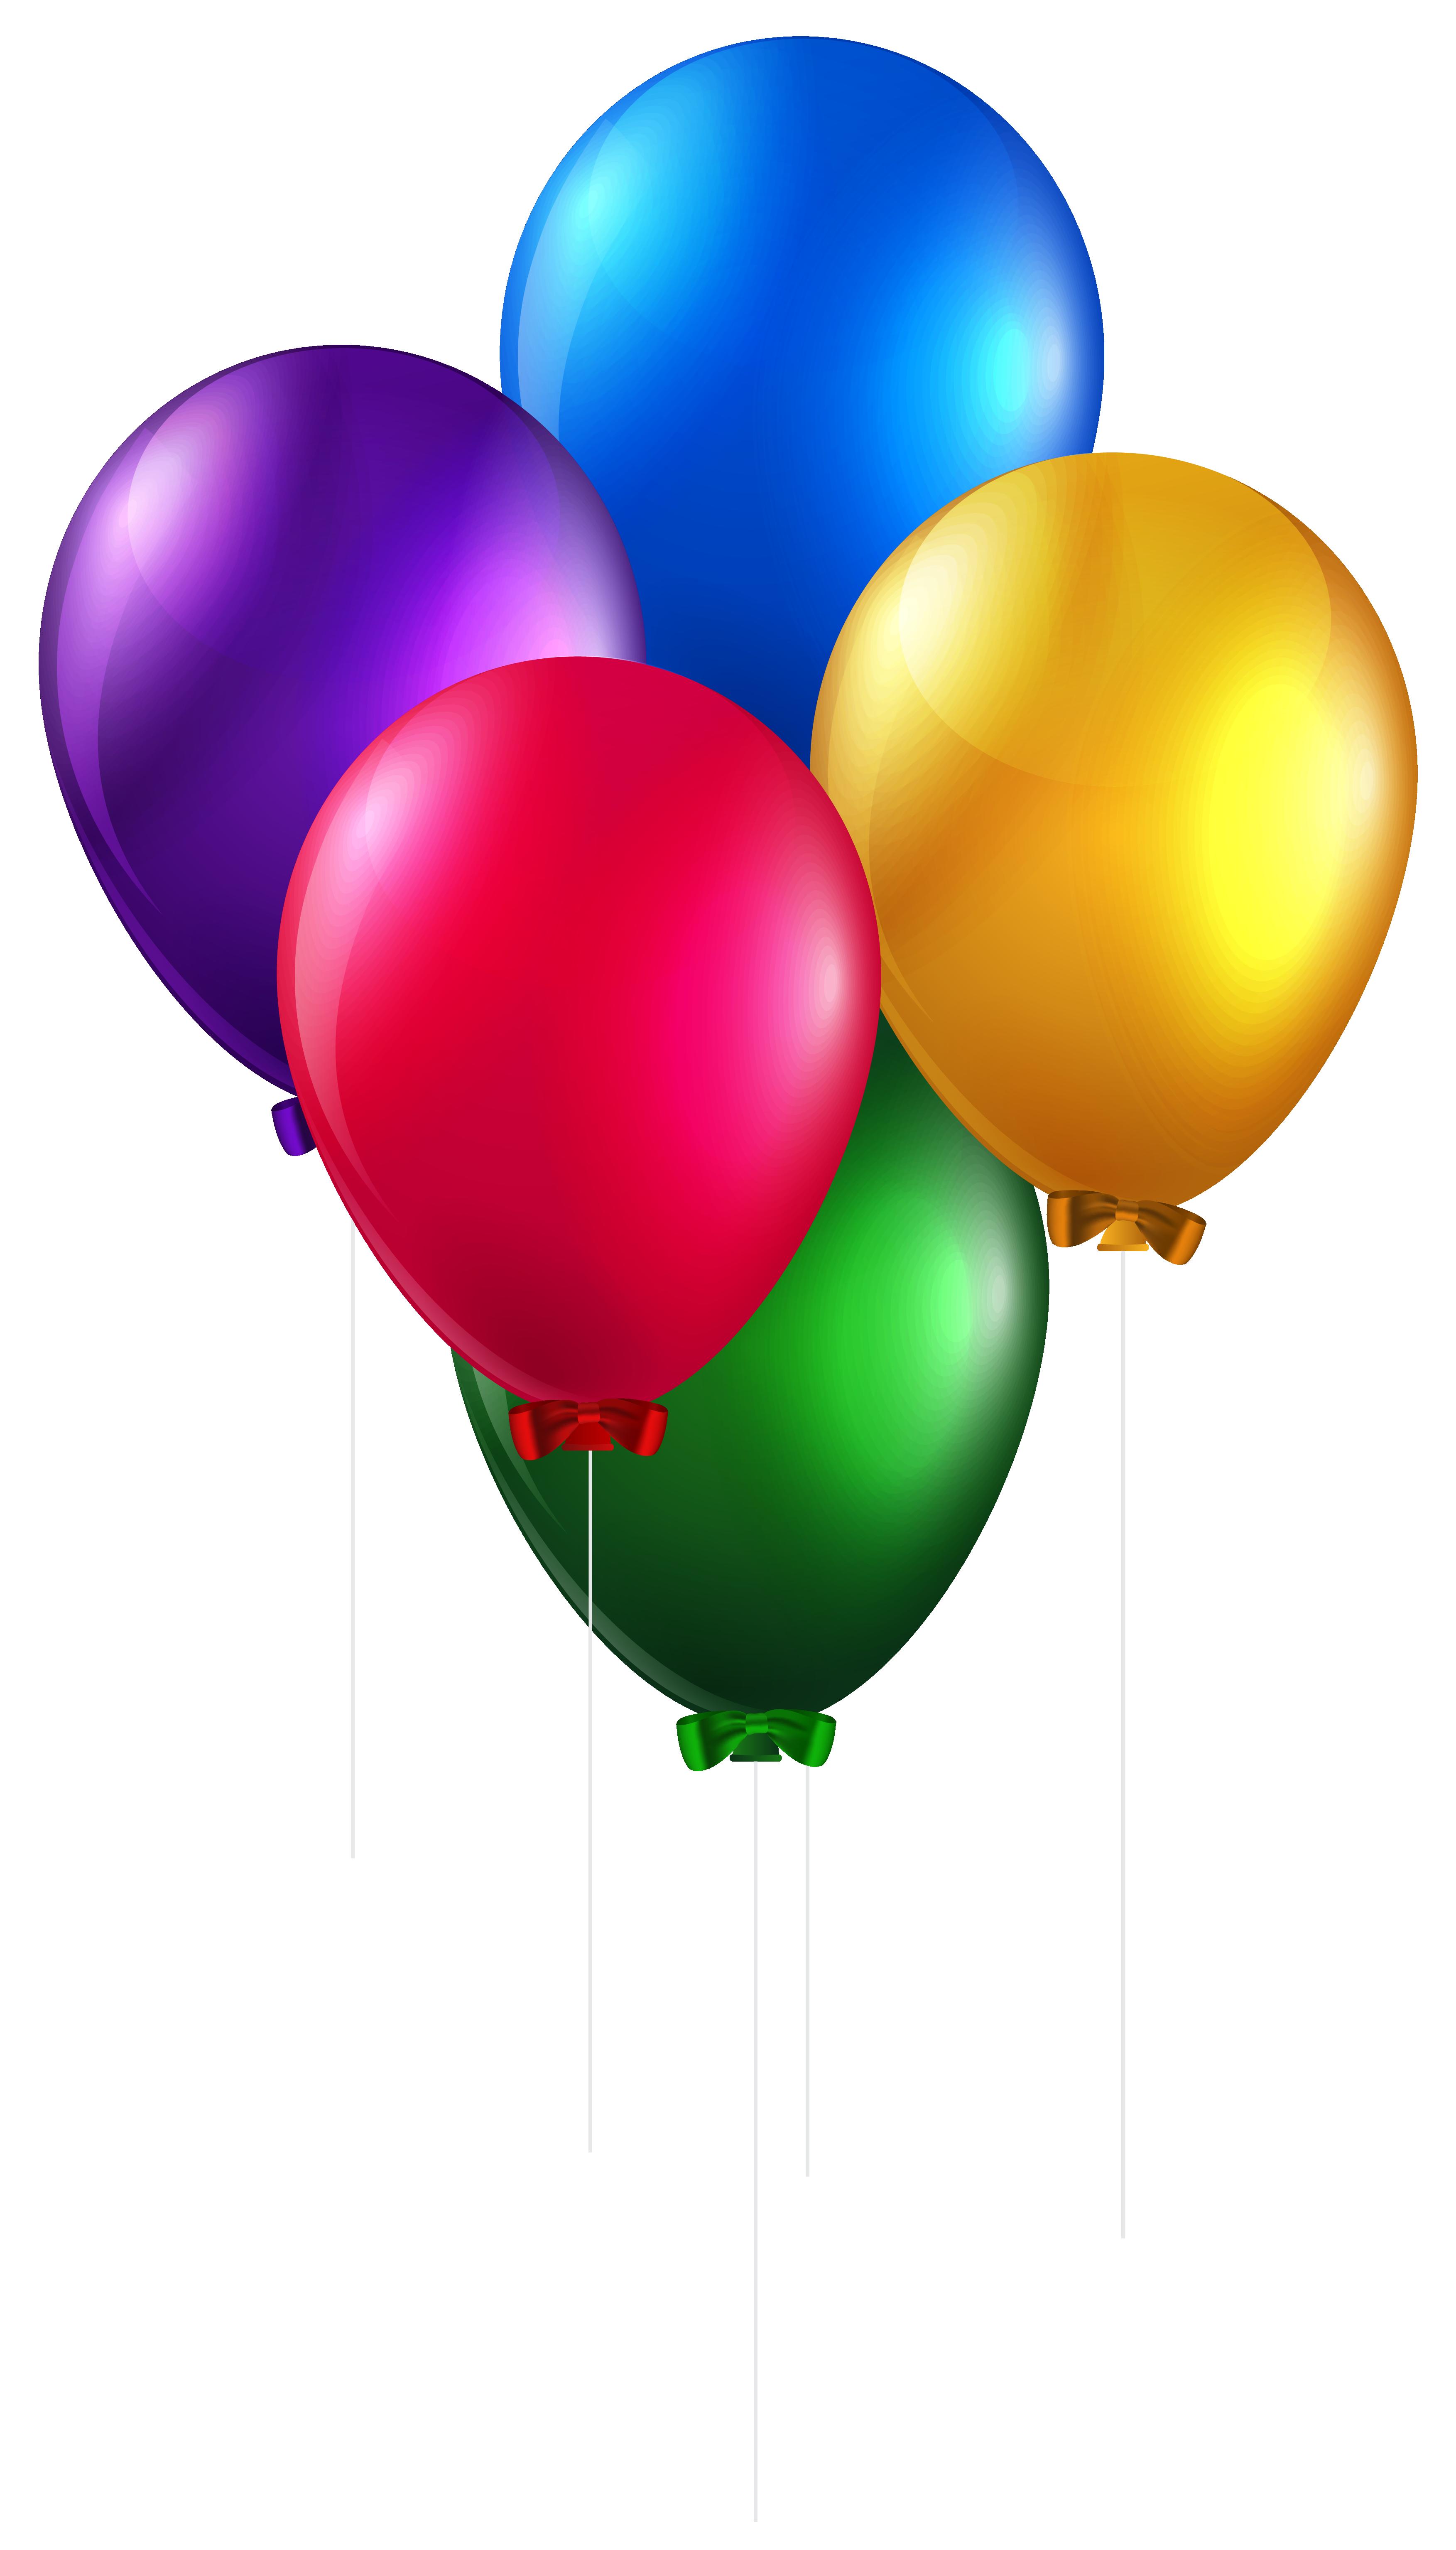 Balloons png clip art. Ballon clipart colorful balloon